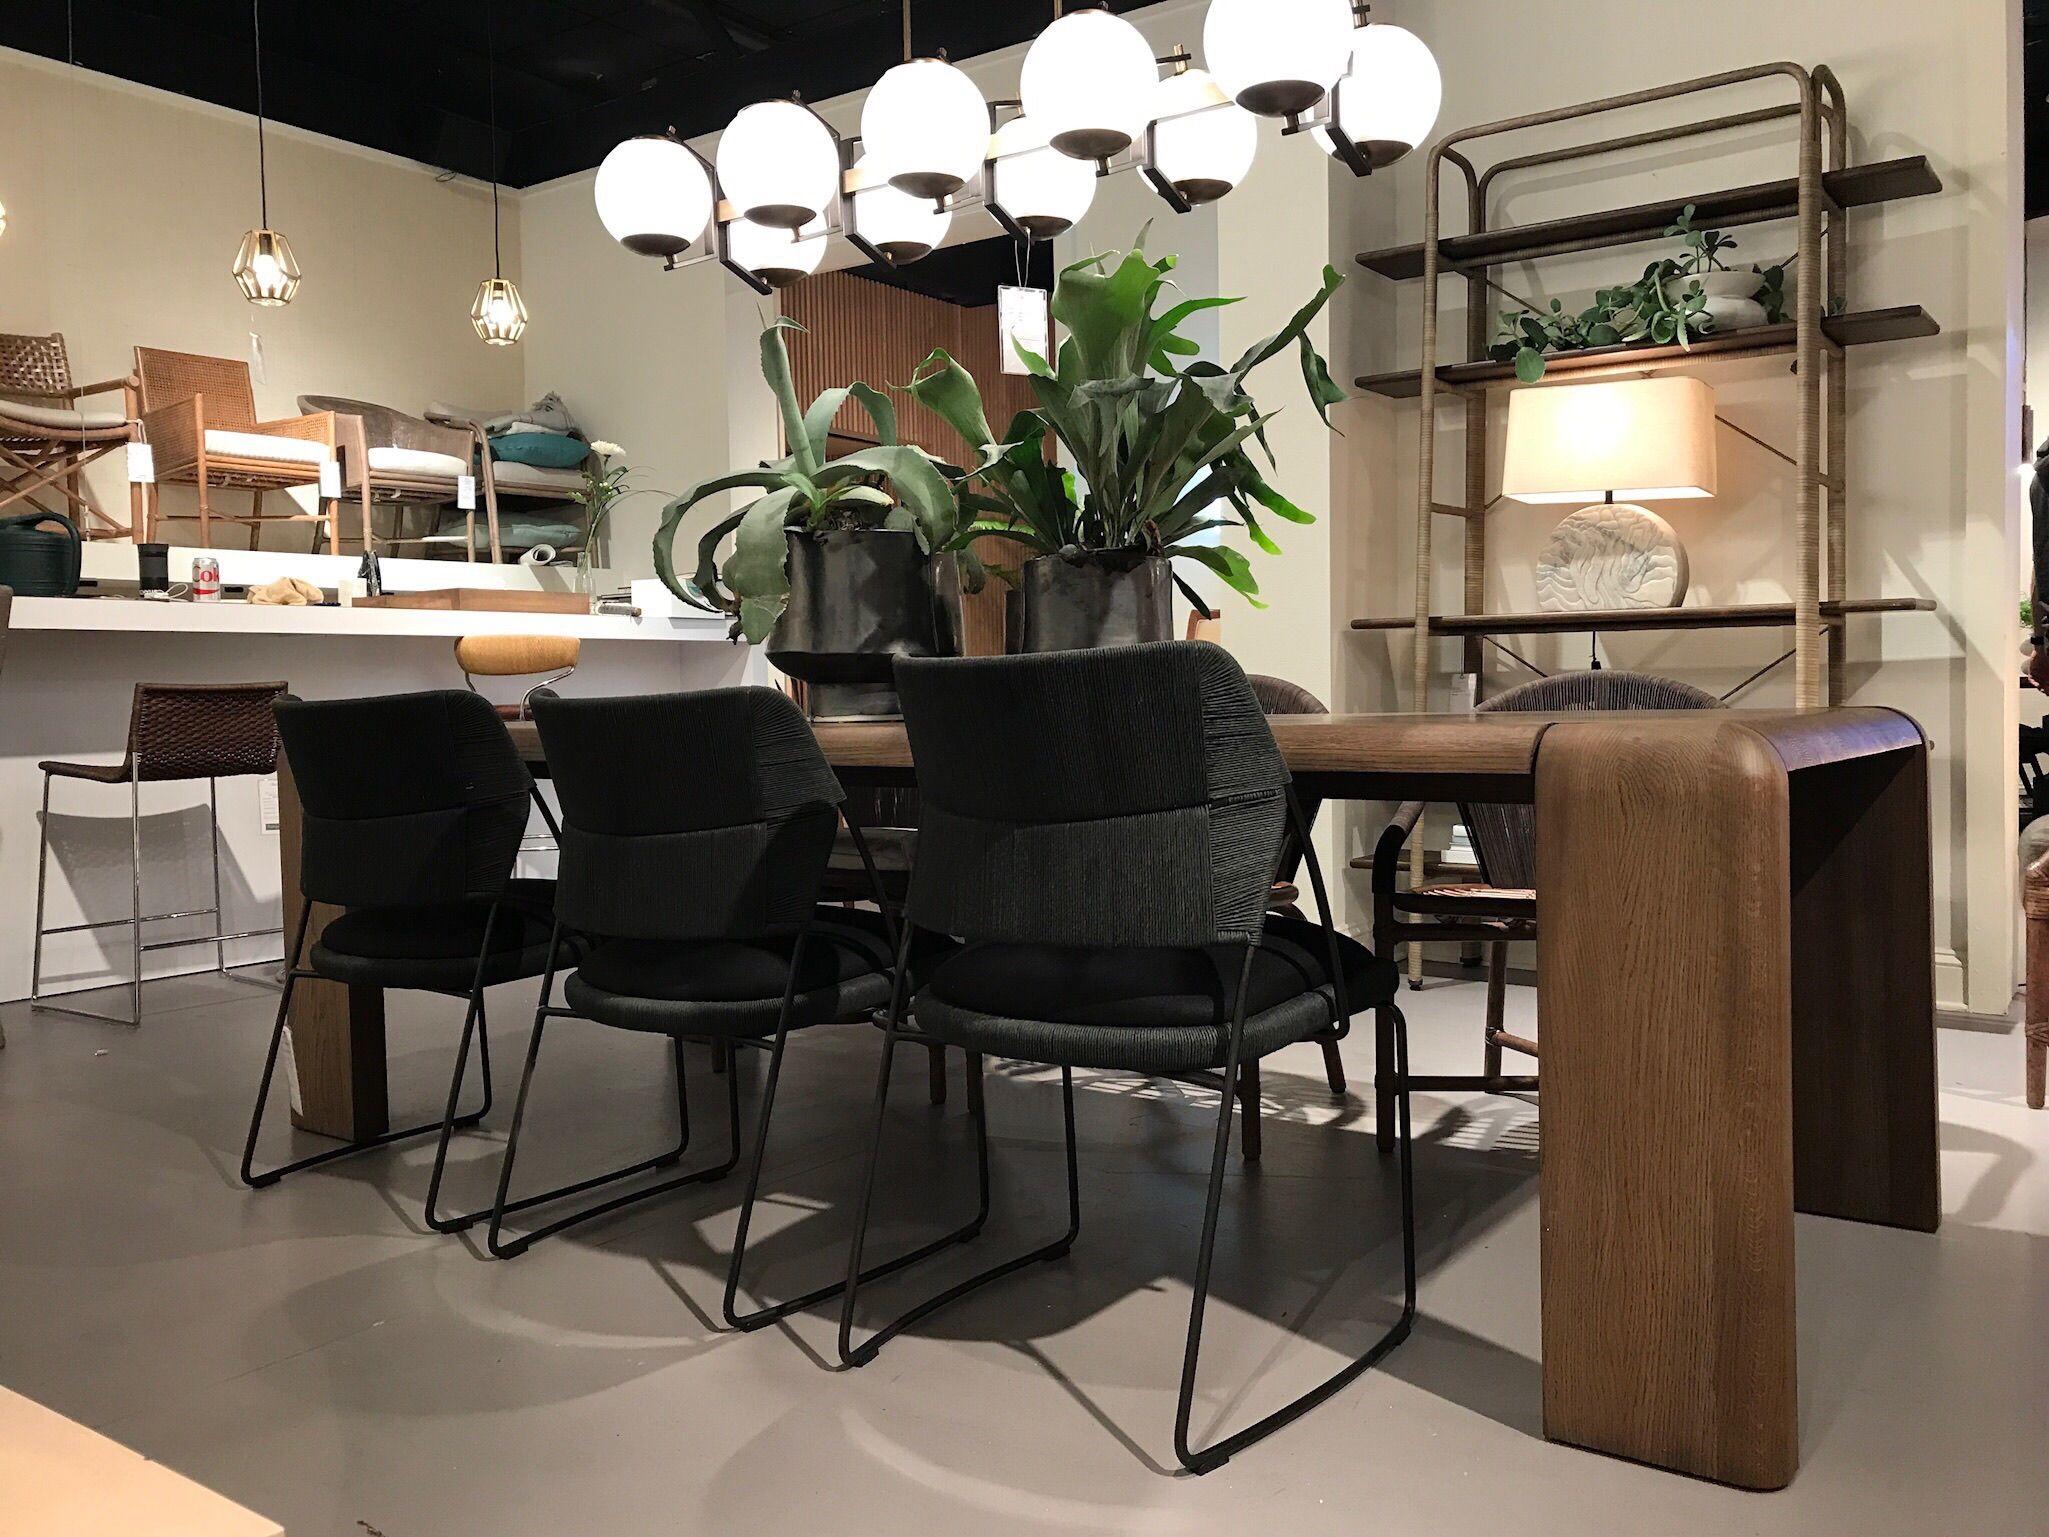 Furniture Lansing #45 - Lansing Chair: No. M-333